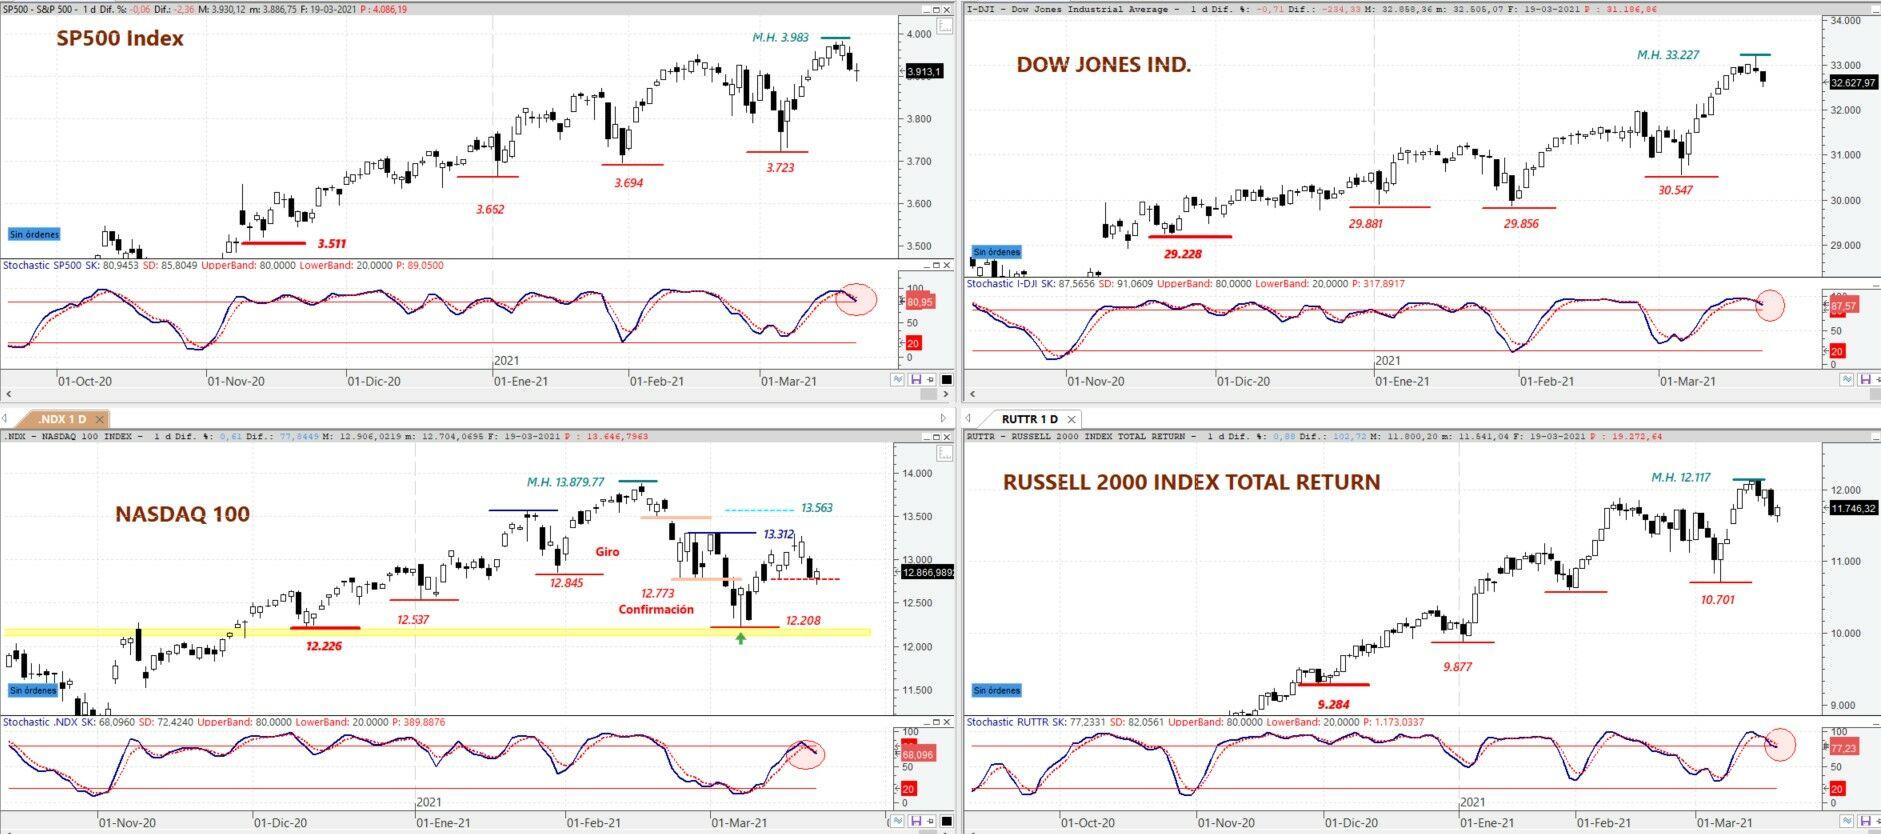 S&P 500, DOW JONES Ind, NASDAQ 100 y Russell2000 en gráfico diario